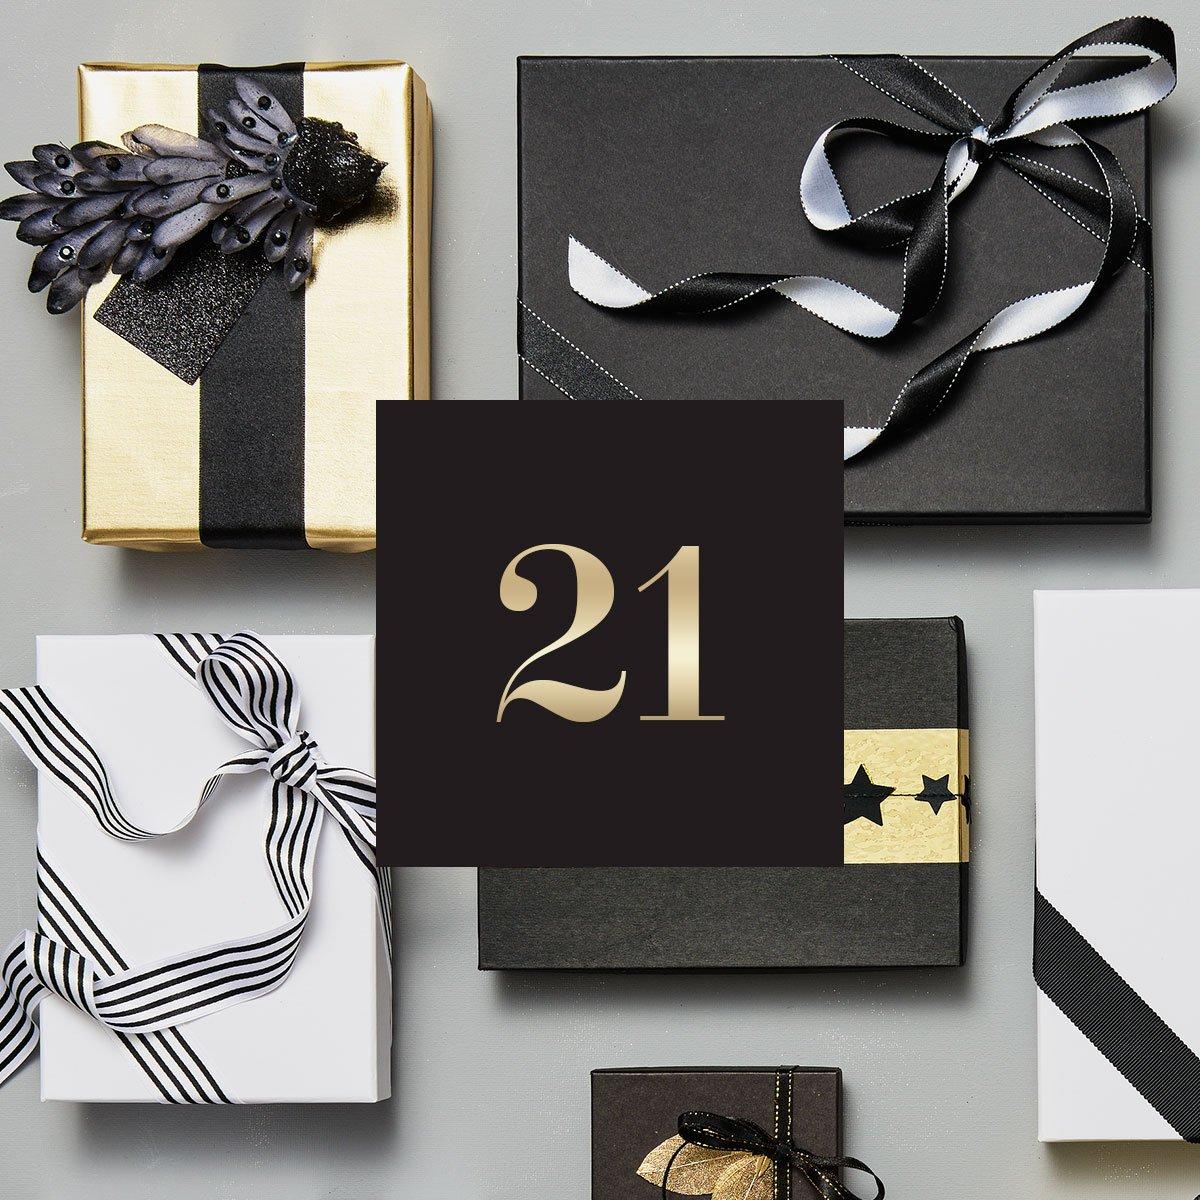 🔔 H&M CLUB Julekalender - 21. december 🔔 Bliv klar til de hyggelige juledage med dagens jule-reward 🙋 Skynd dig ind i H&M-appen, tilbuddet gælder i vores butikker i dag. https://t.co/86tCJsuLf3